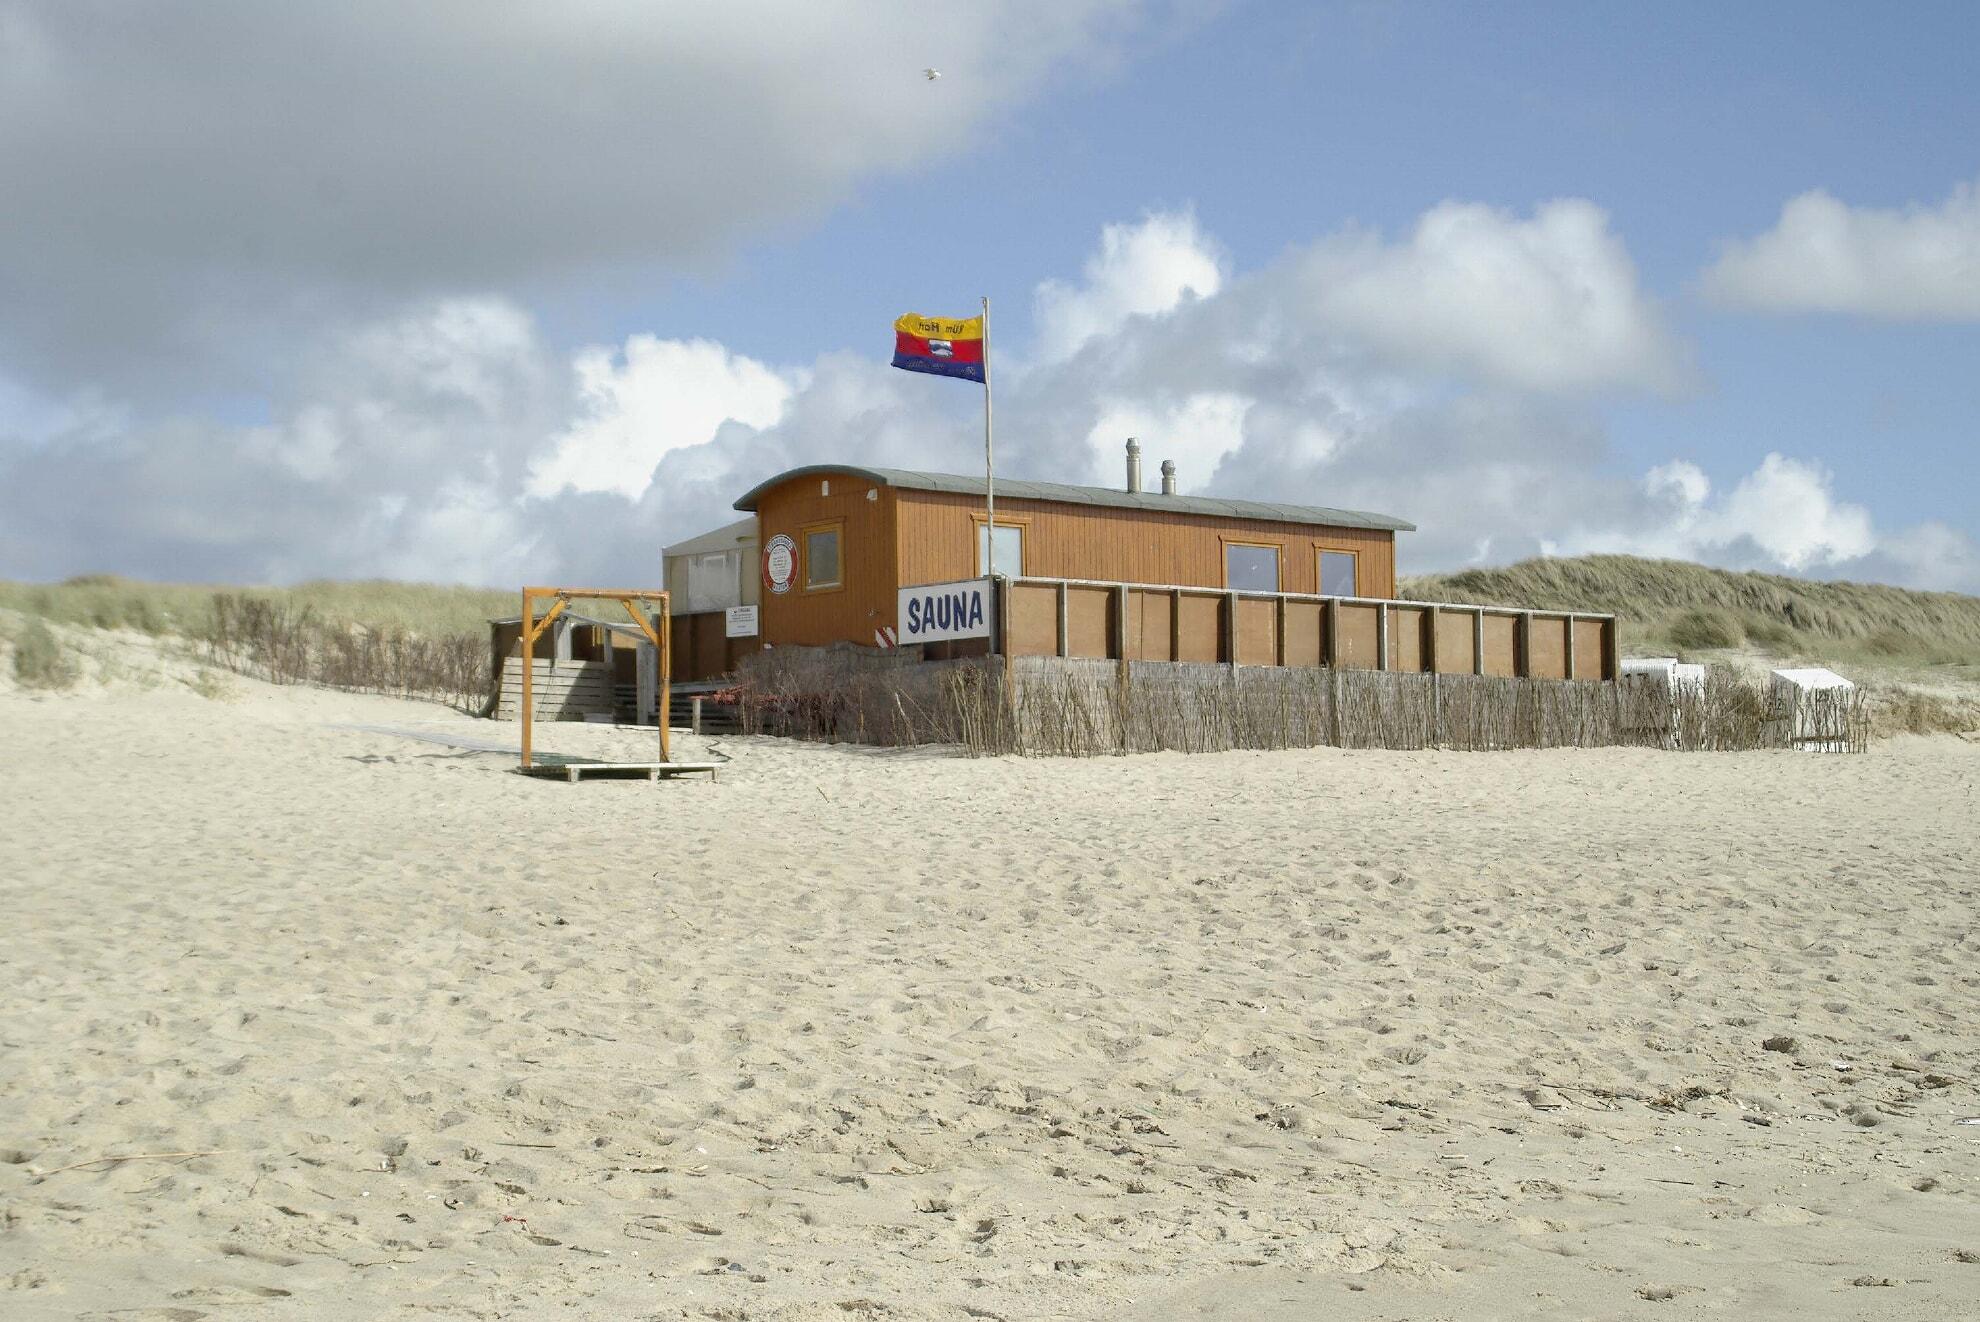 Westansicht der Strandsauna Rantum